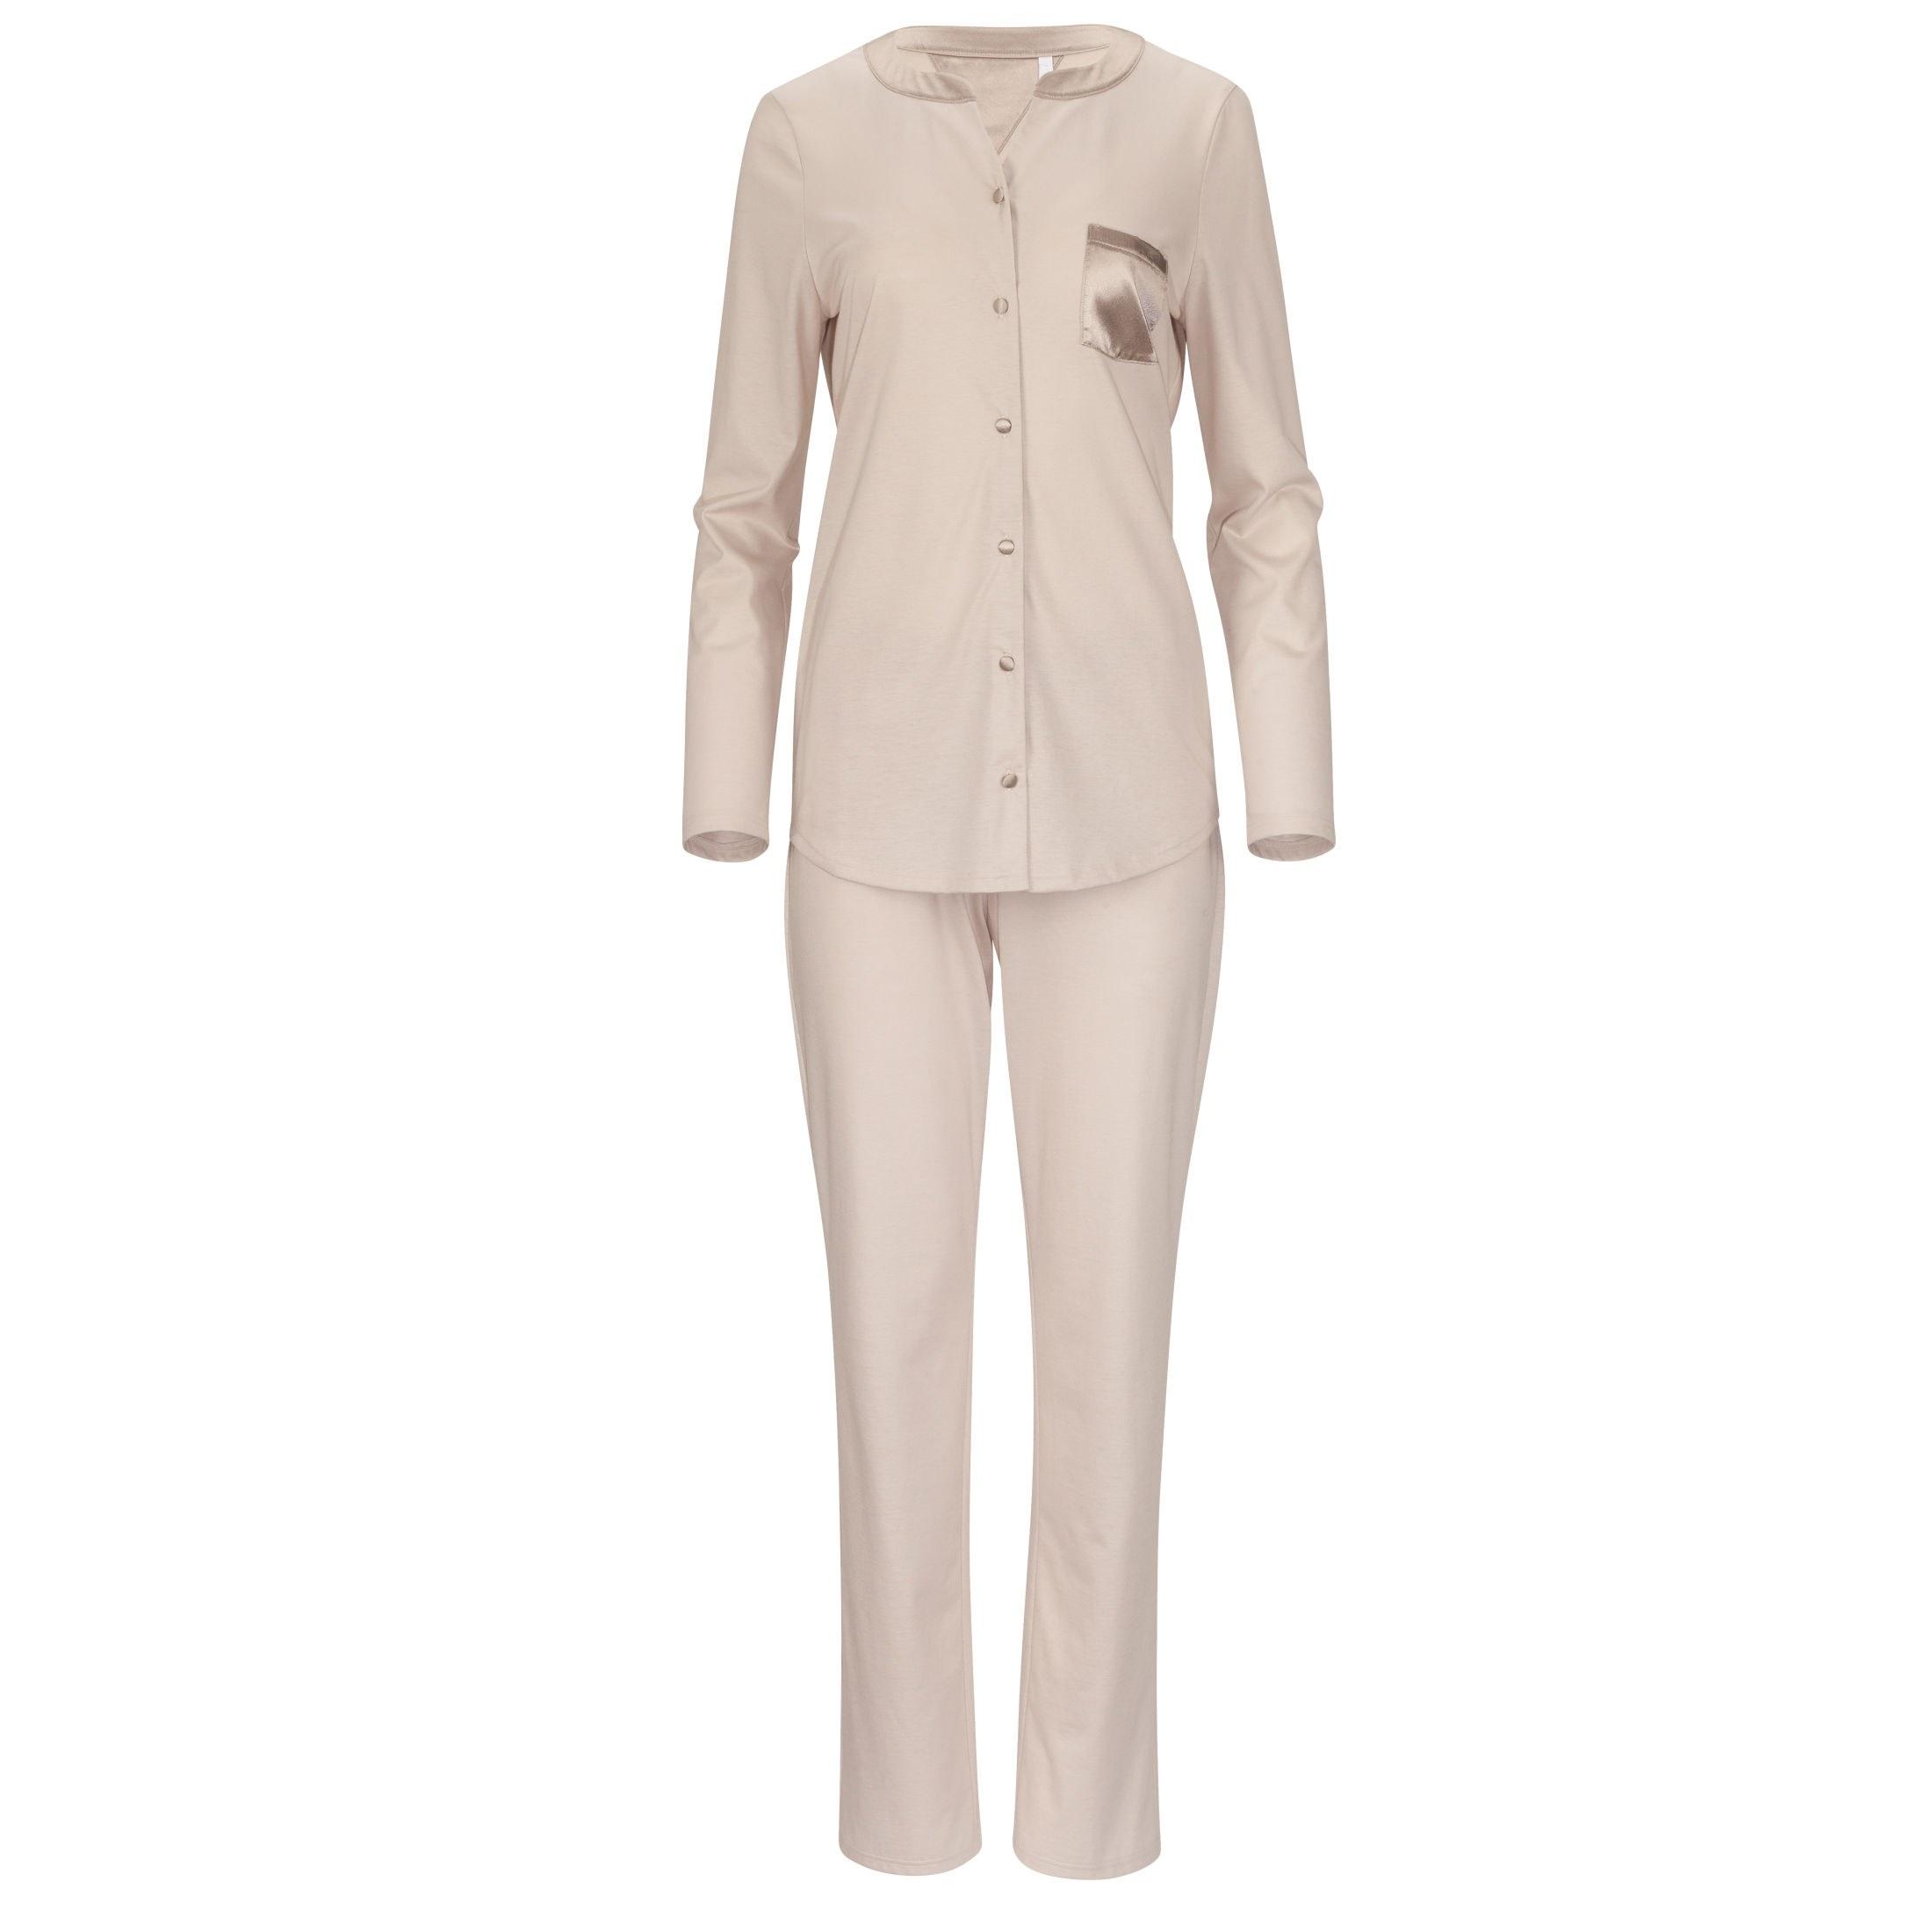 Pyjama-GLORIA-sand-Gr-36-1163500-FB10016-GR-36